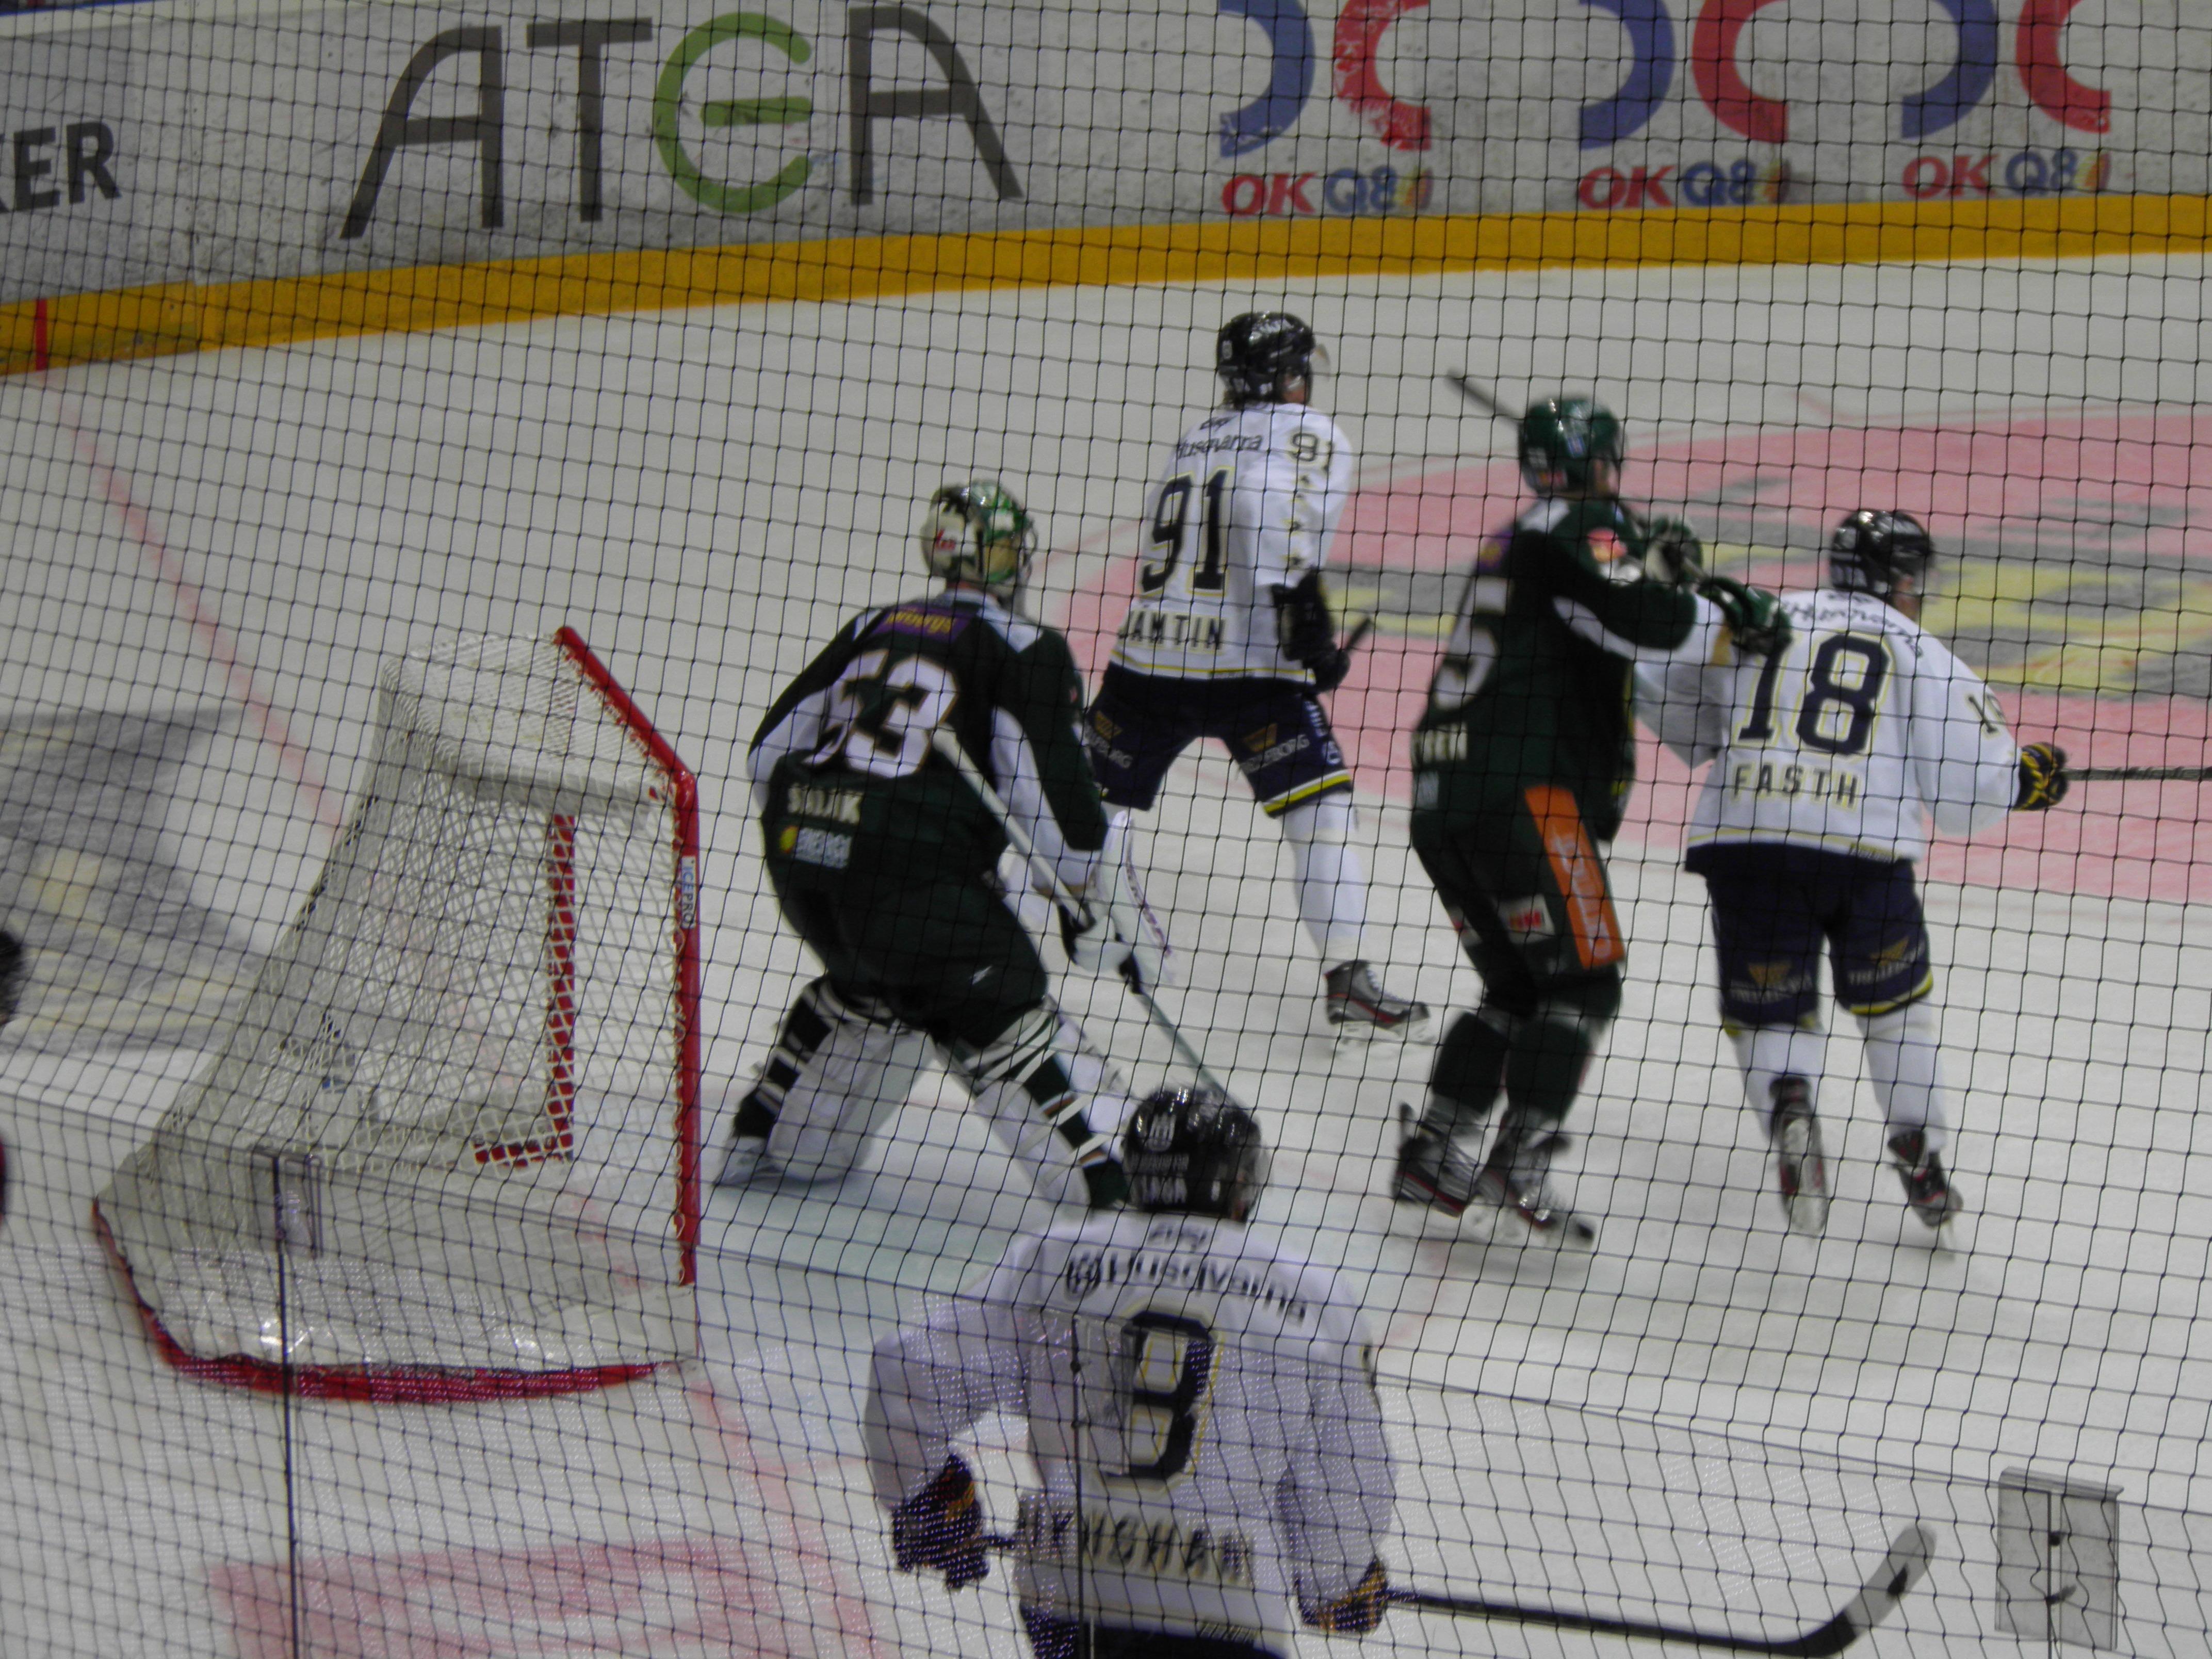 """Onödigt spännande? """"Vi fick kriga för poängen på slutet!"""" konstaterade Leif Carlsson på presskonferensen. Foto: Marie Angle/fbkbloggen"""